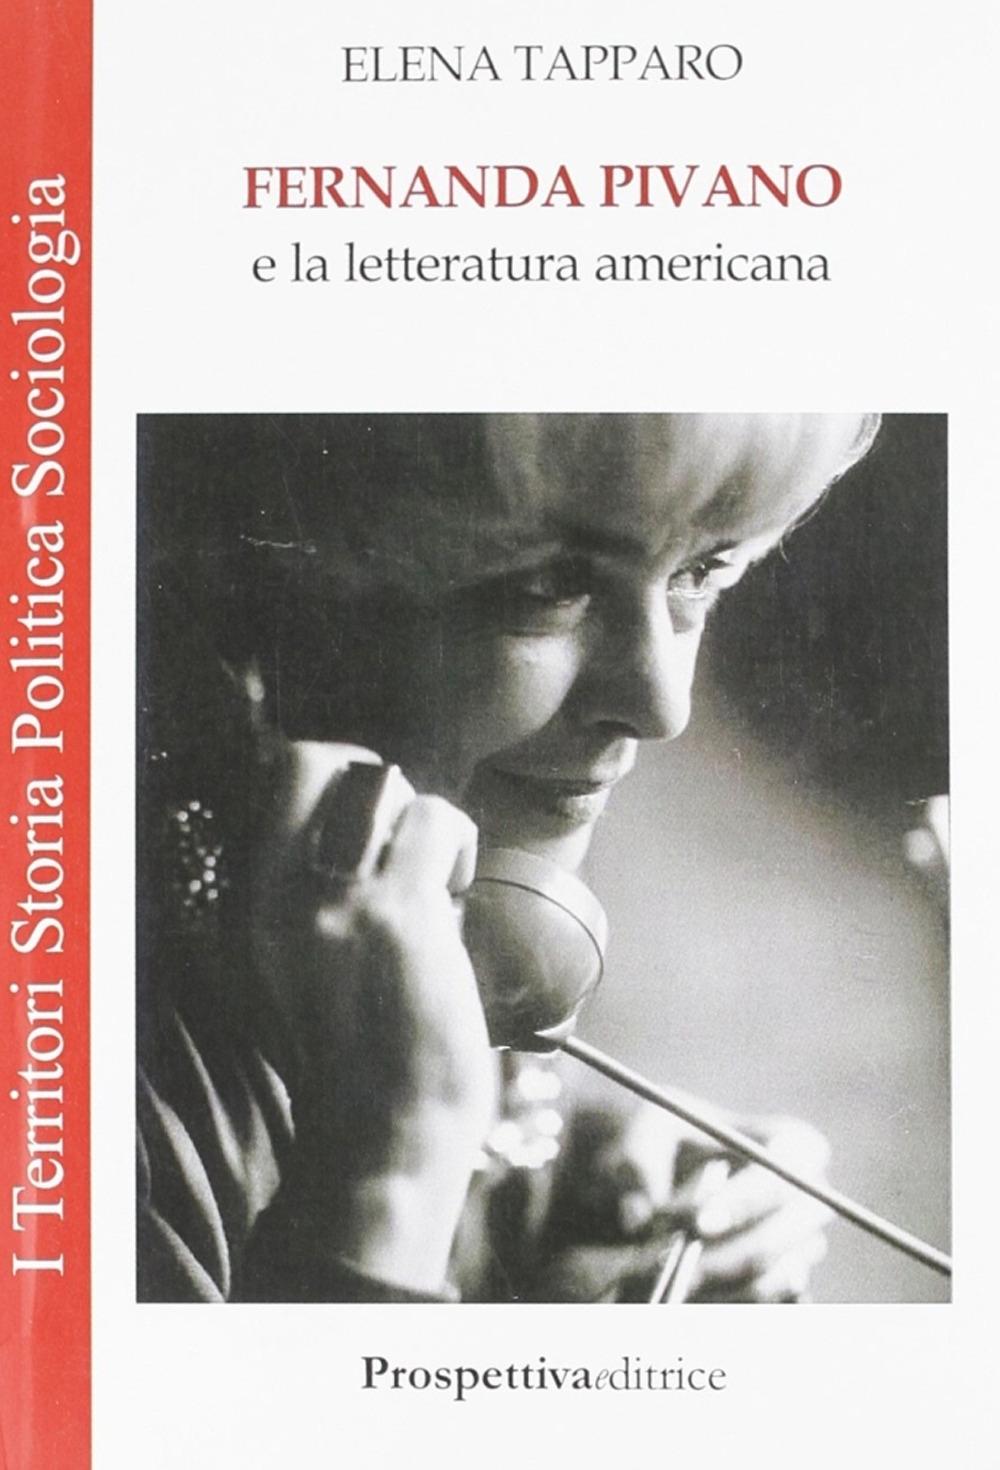 Fernanda Pivano e la letteratura americana